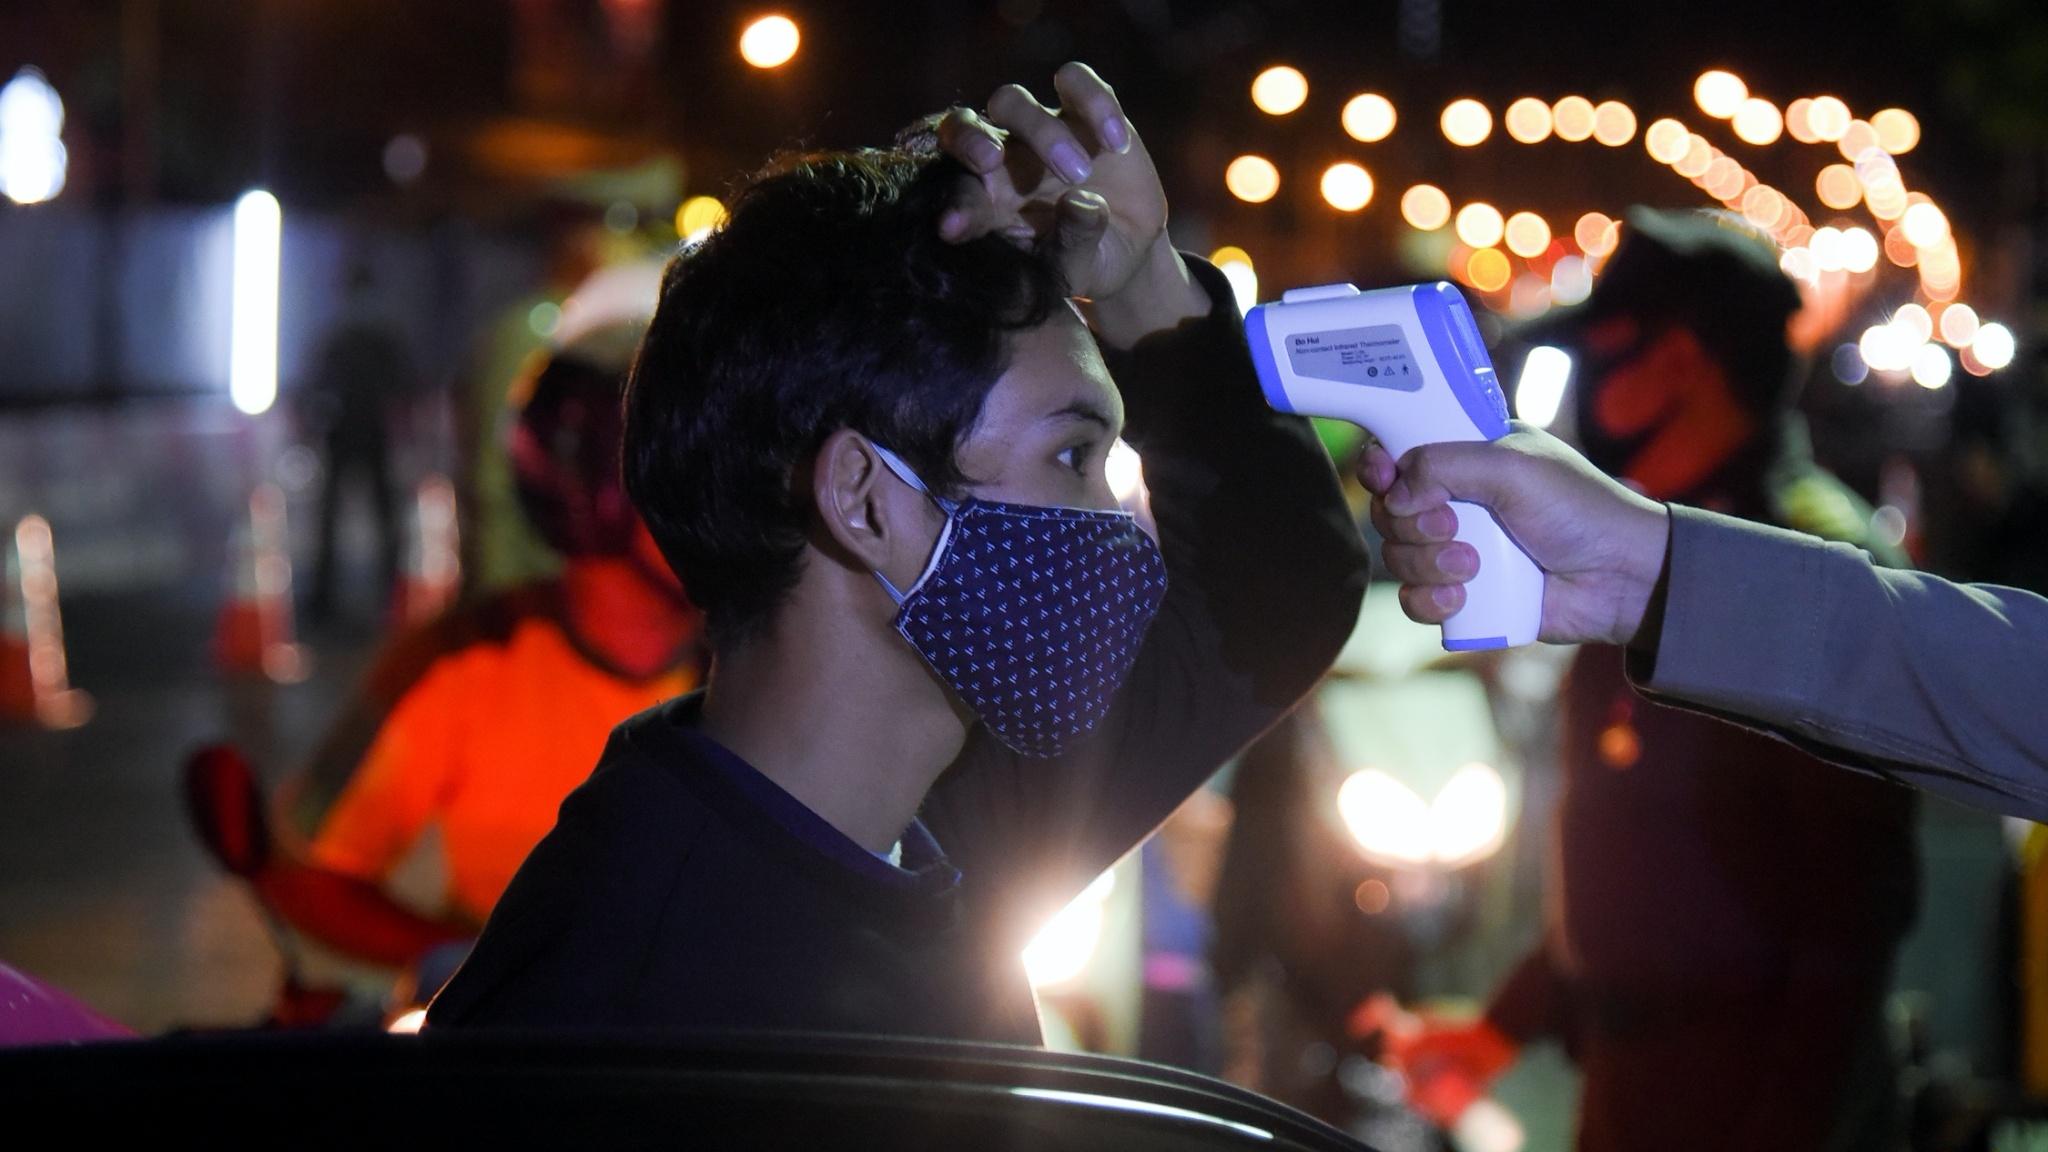 ข่าวจังหวัดนนทบุรี ข่าวสดวันนี้ ไวรัสโควิด-19 ไวรัสโคโรนา